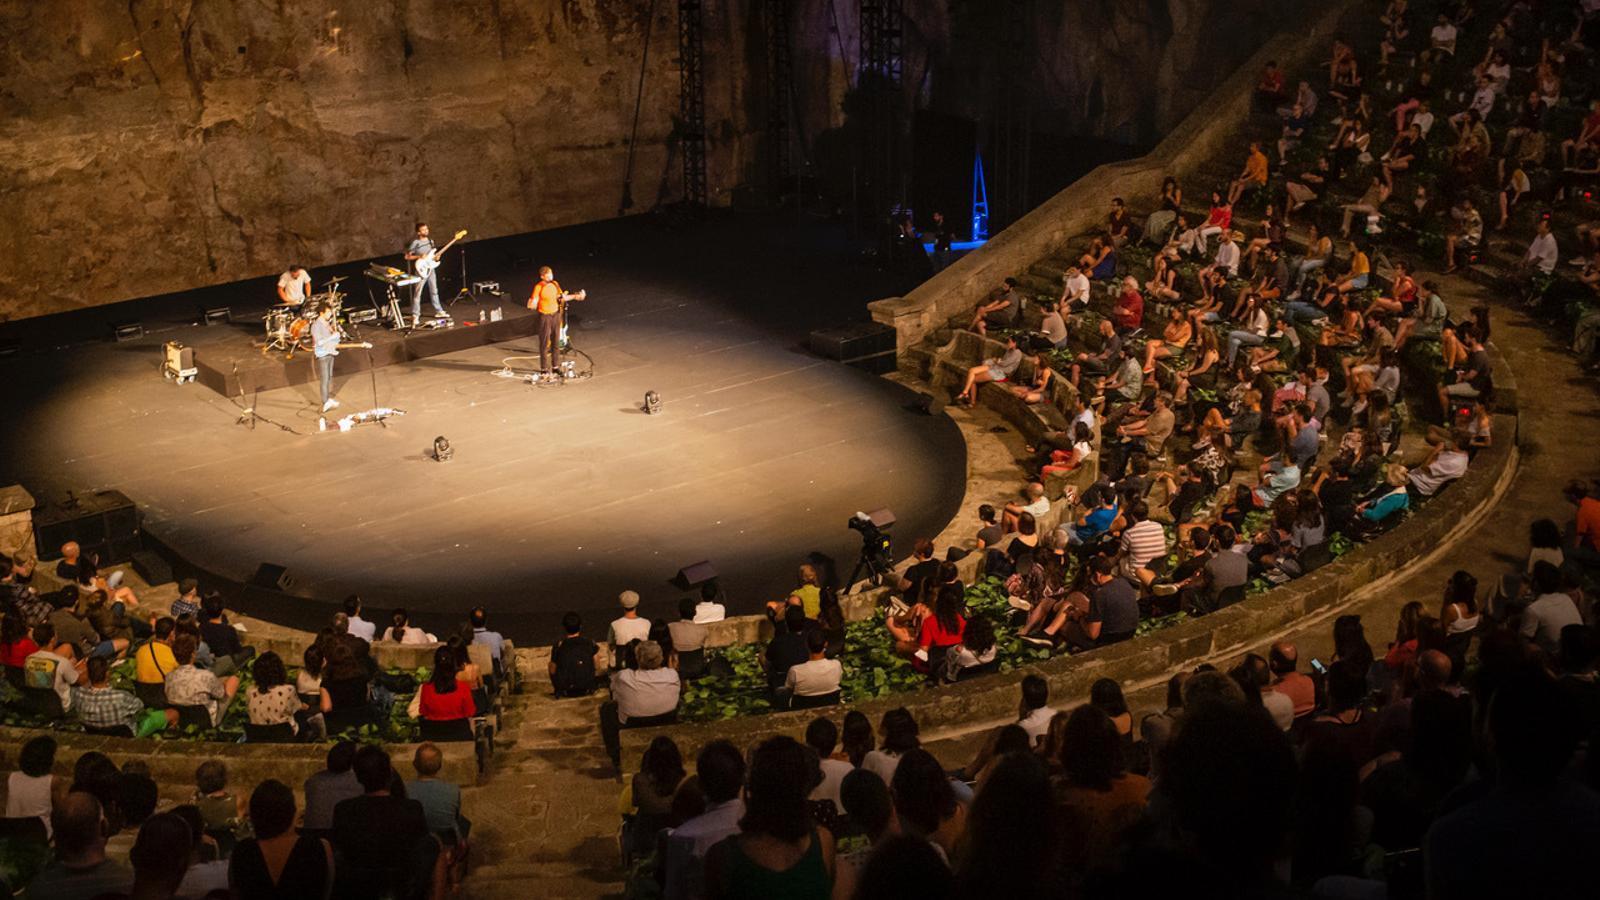 L'Ajuntament de Barcelona suspèn totes les activitats culturals i esportives a partir de dilluns